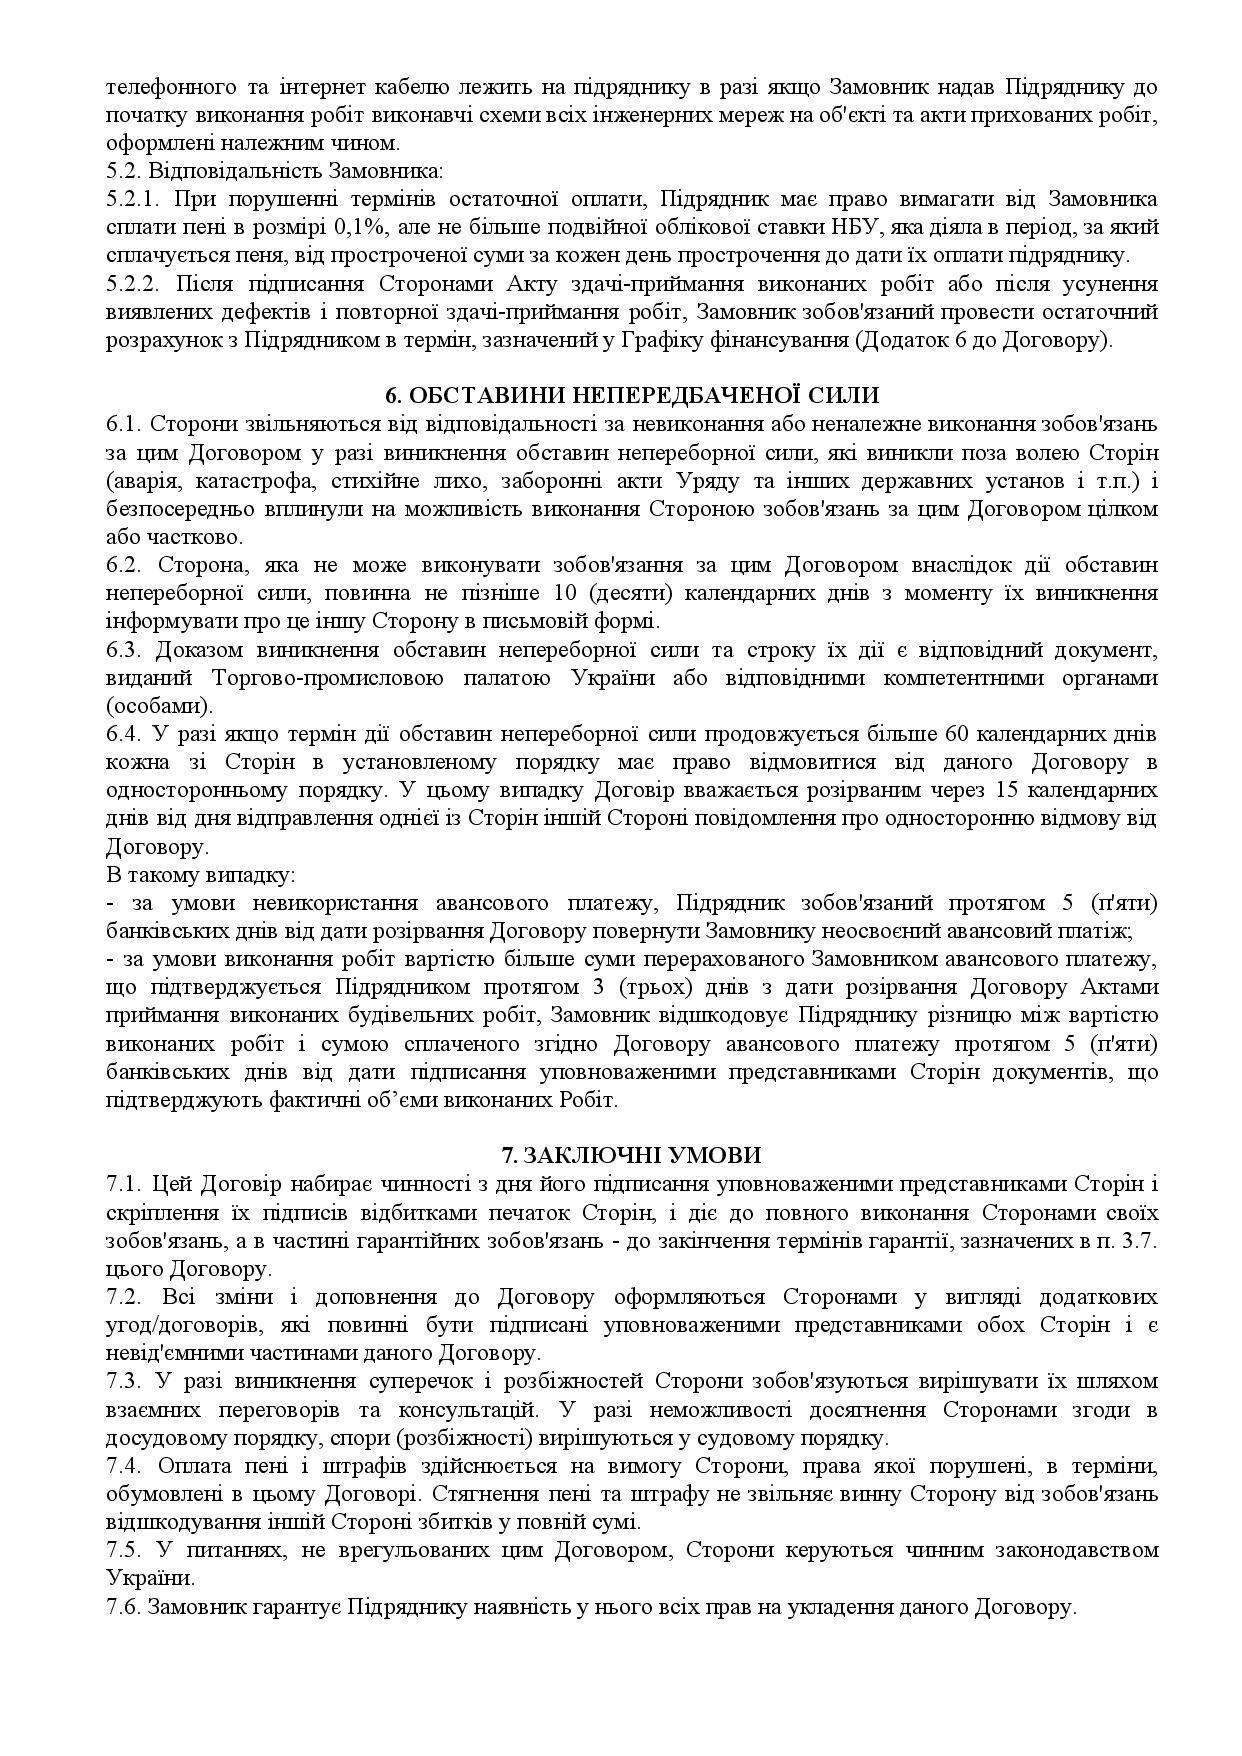 Зразок договору сторінка 3